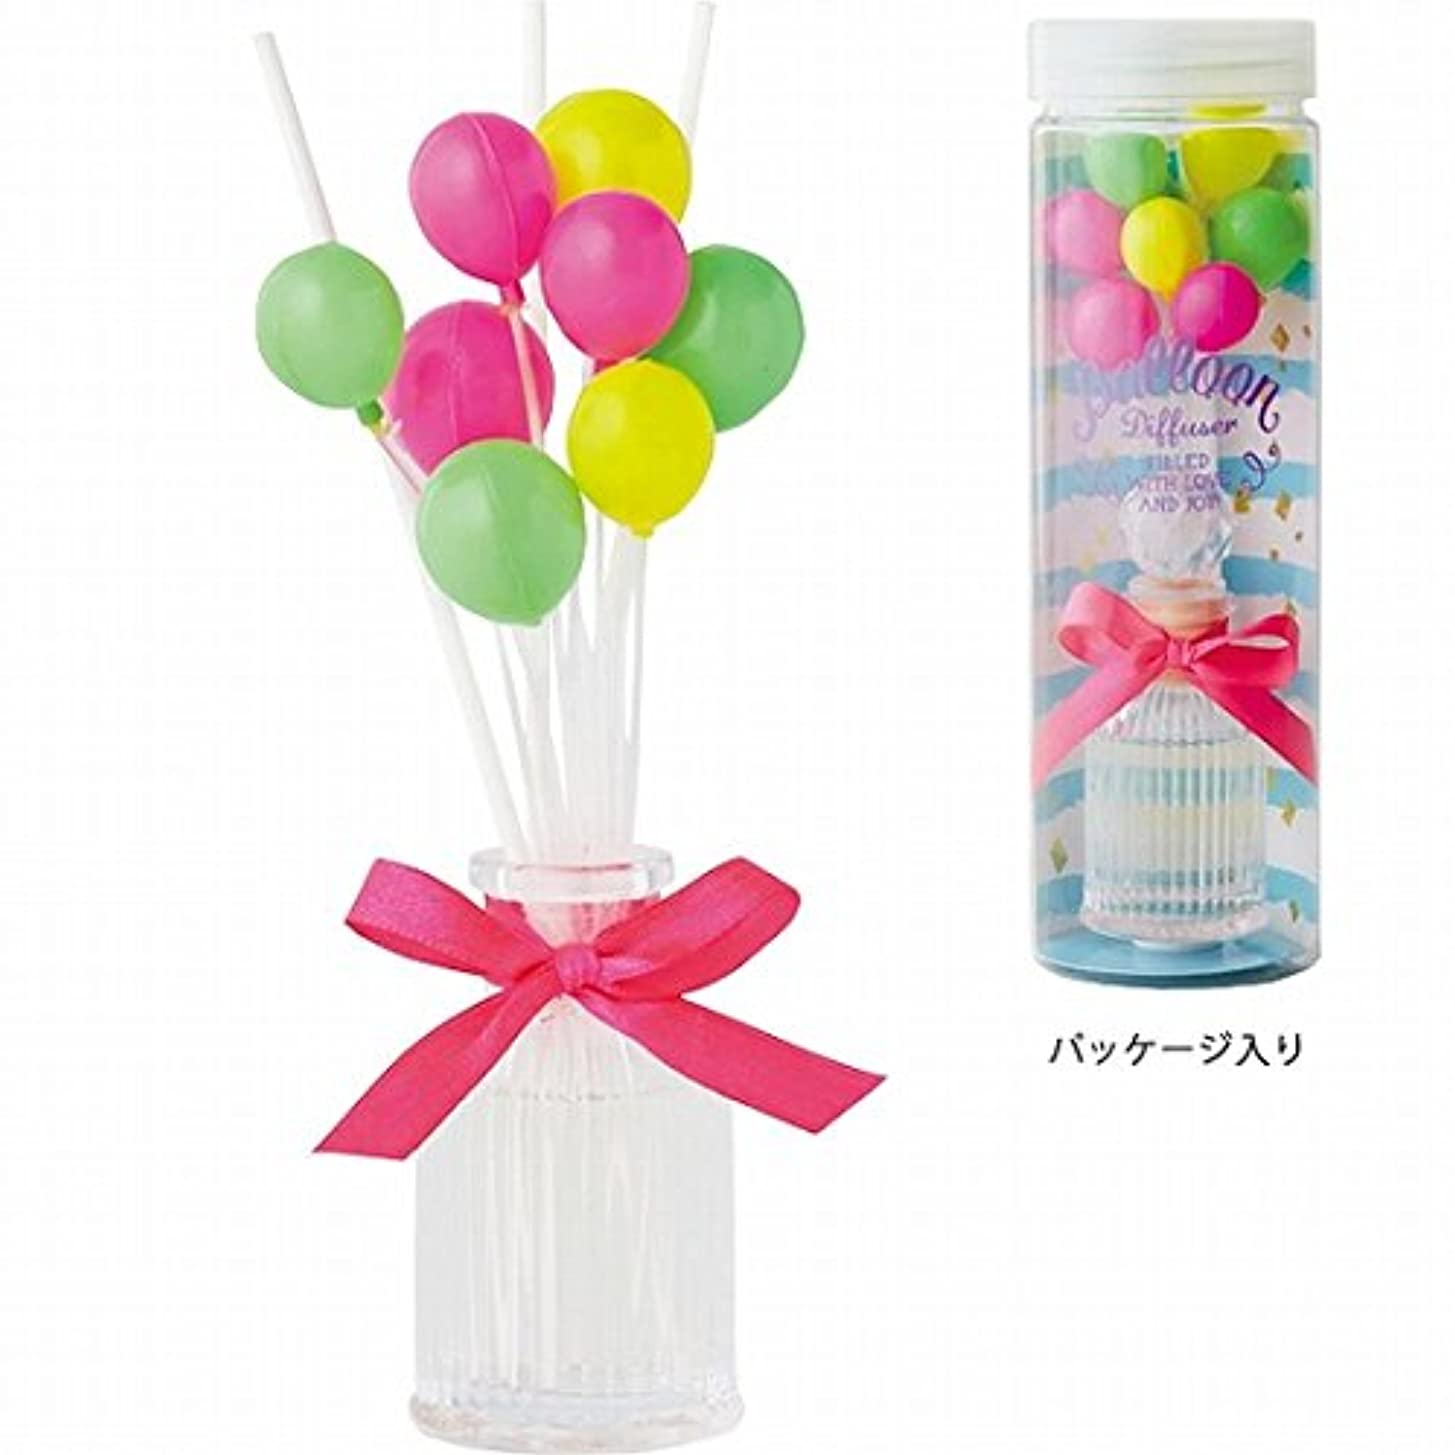 カメヤマキャンドル( kameyama candle ) バルーンディフューザー